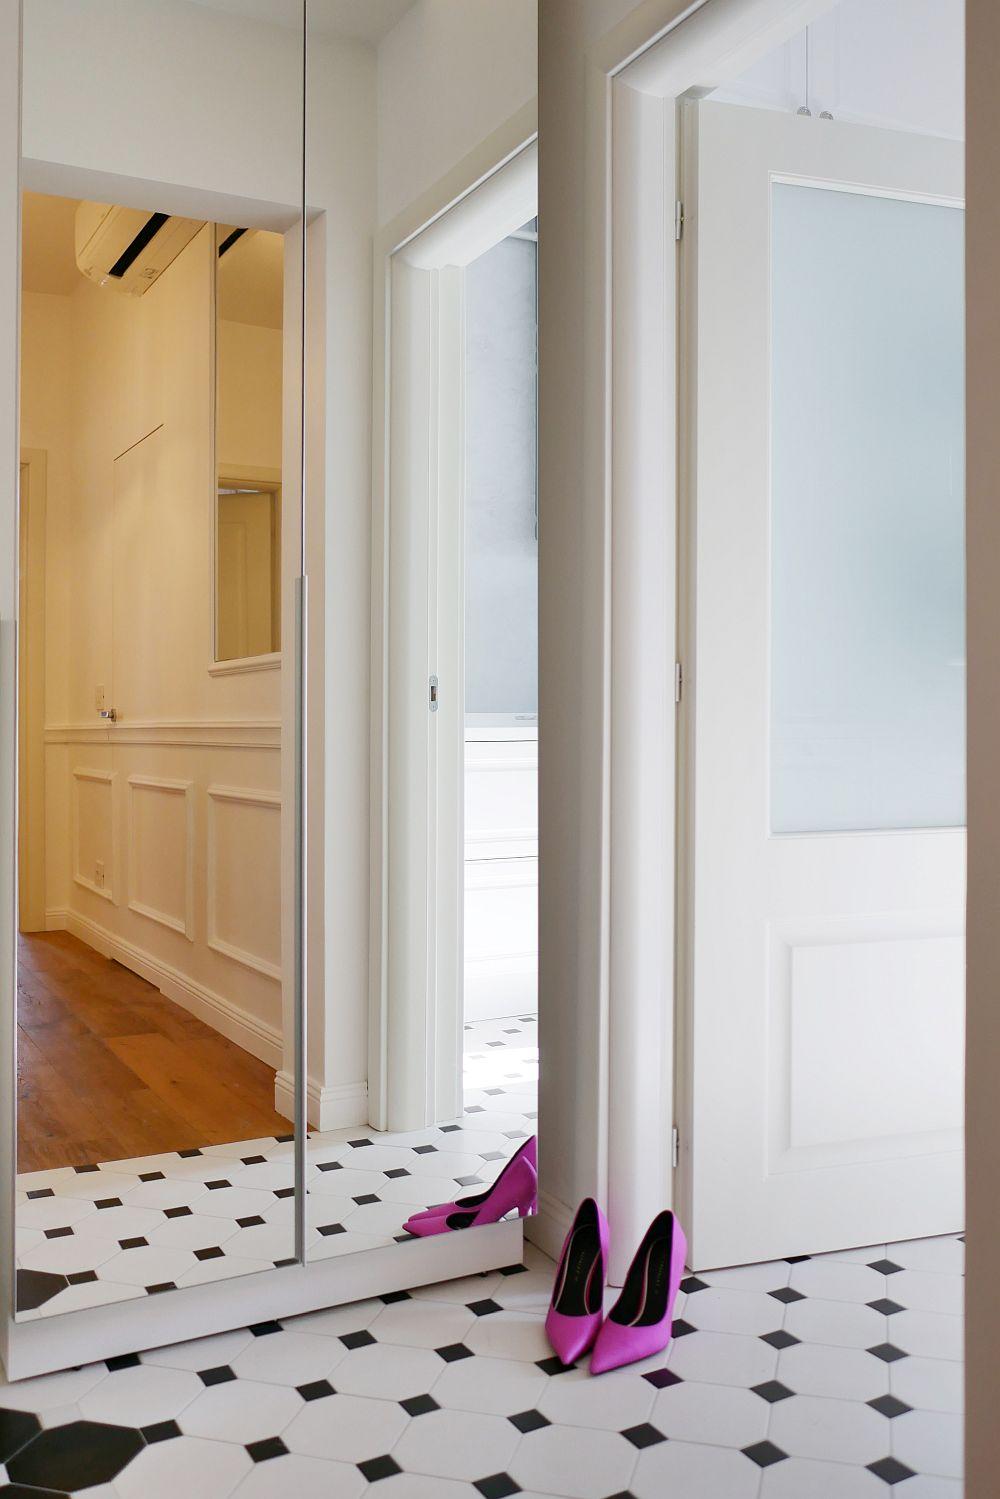 Pentru continuitate, plăcile ceramice octogromale din holul de la intrare se continuă și în bucătărie. În oglinda dulapului cu rol de cuier din holul de la intrare se poate observa al doilea hol care face legătura către celelalte camere ale locuinței.